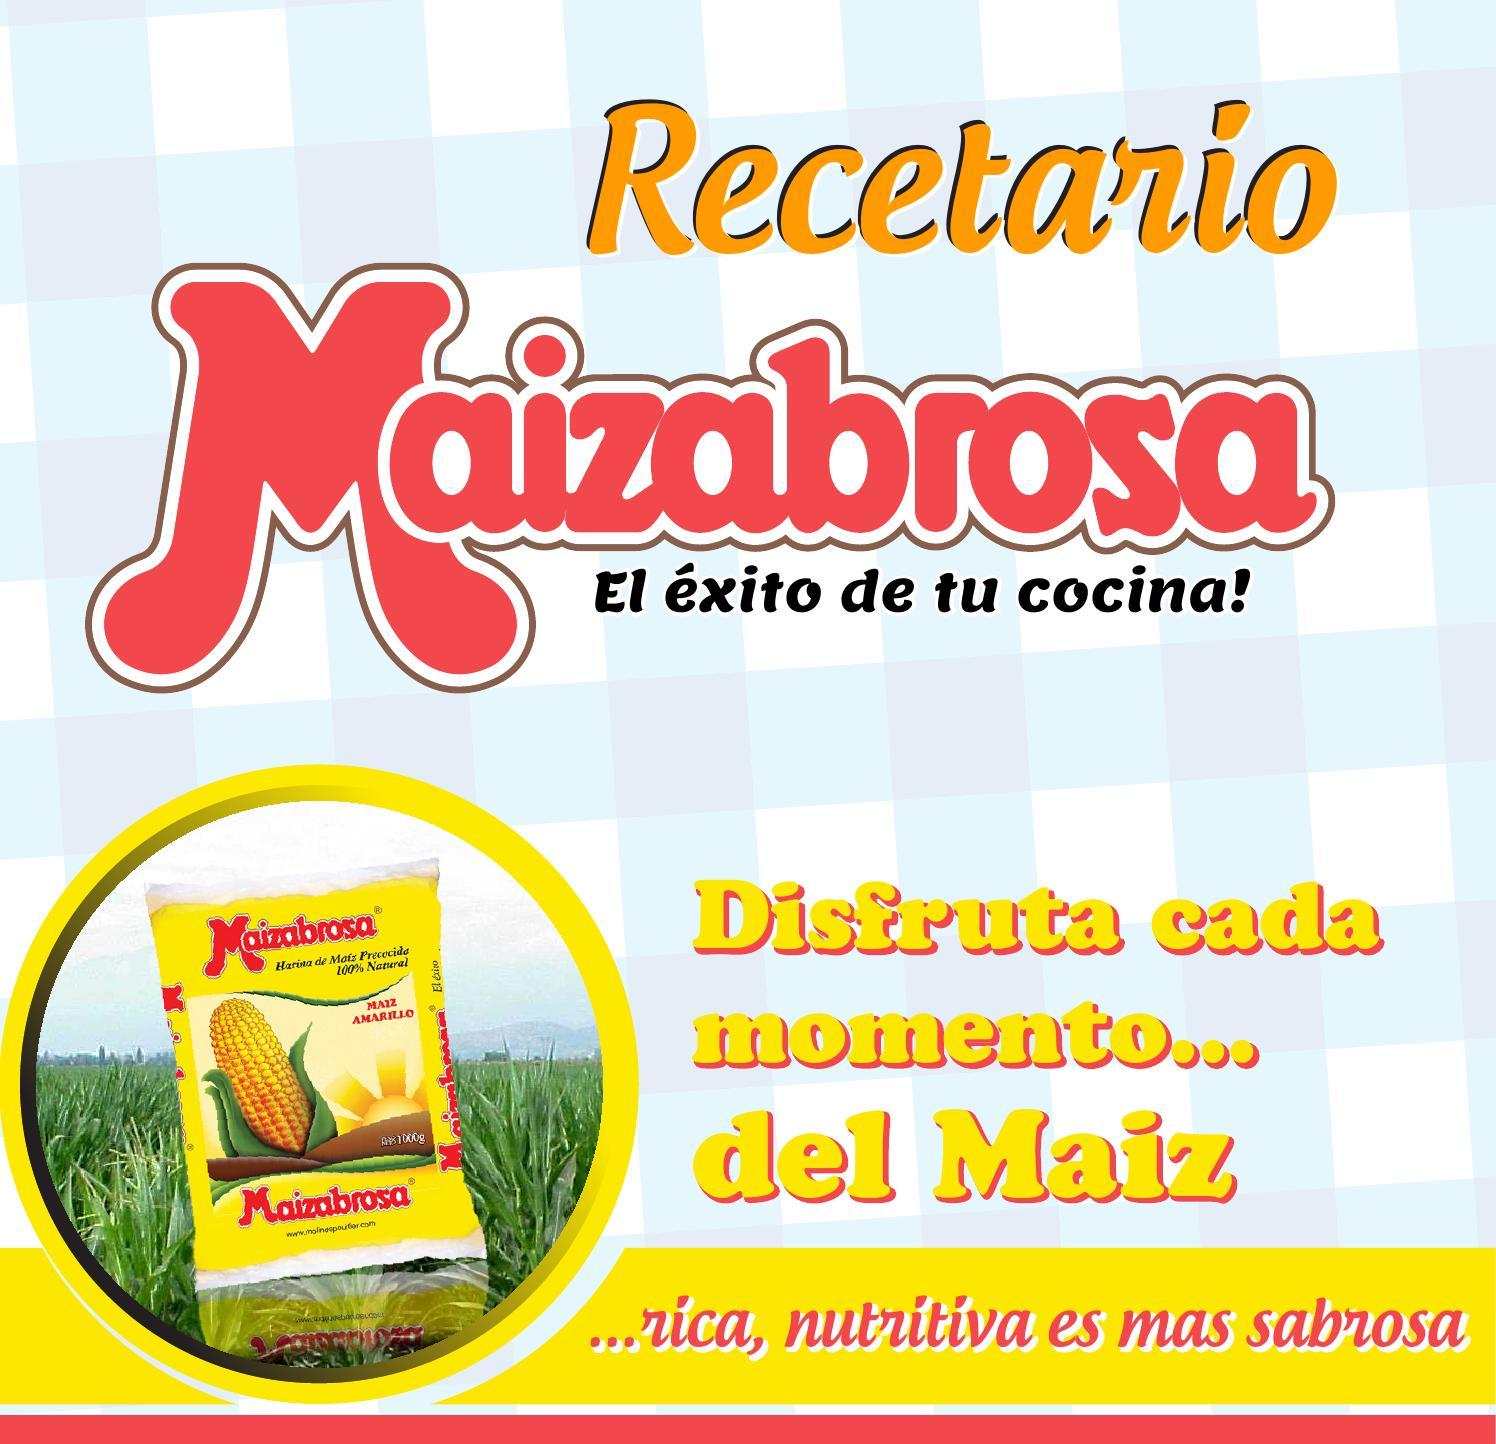 Recetario maizabrosa espa ol by carzua issuu for Comidas para preparar rapido y facil